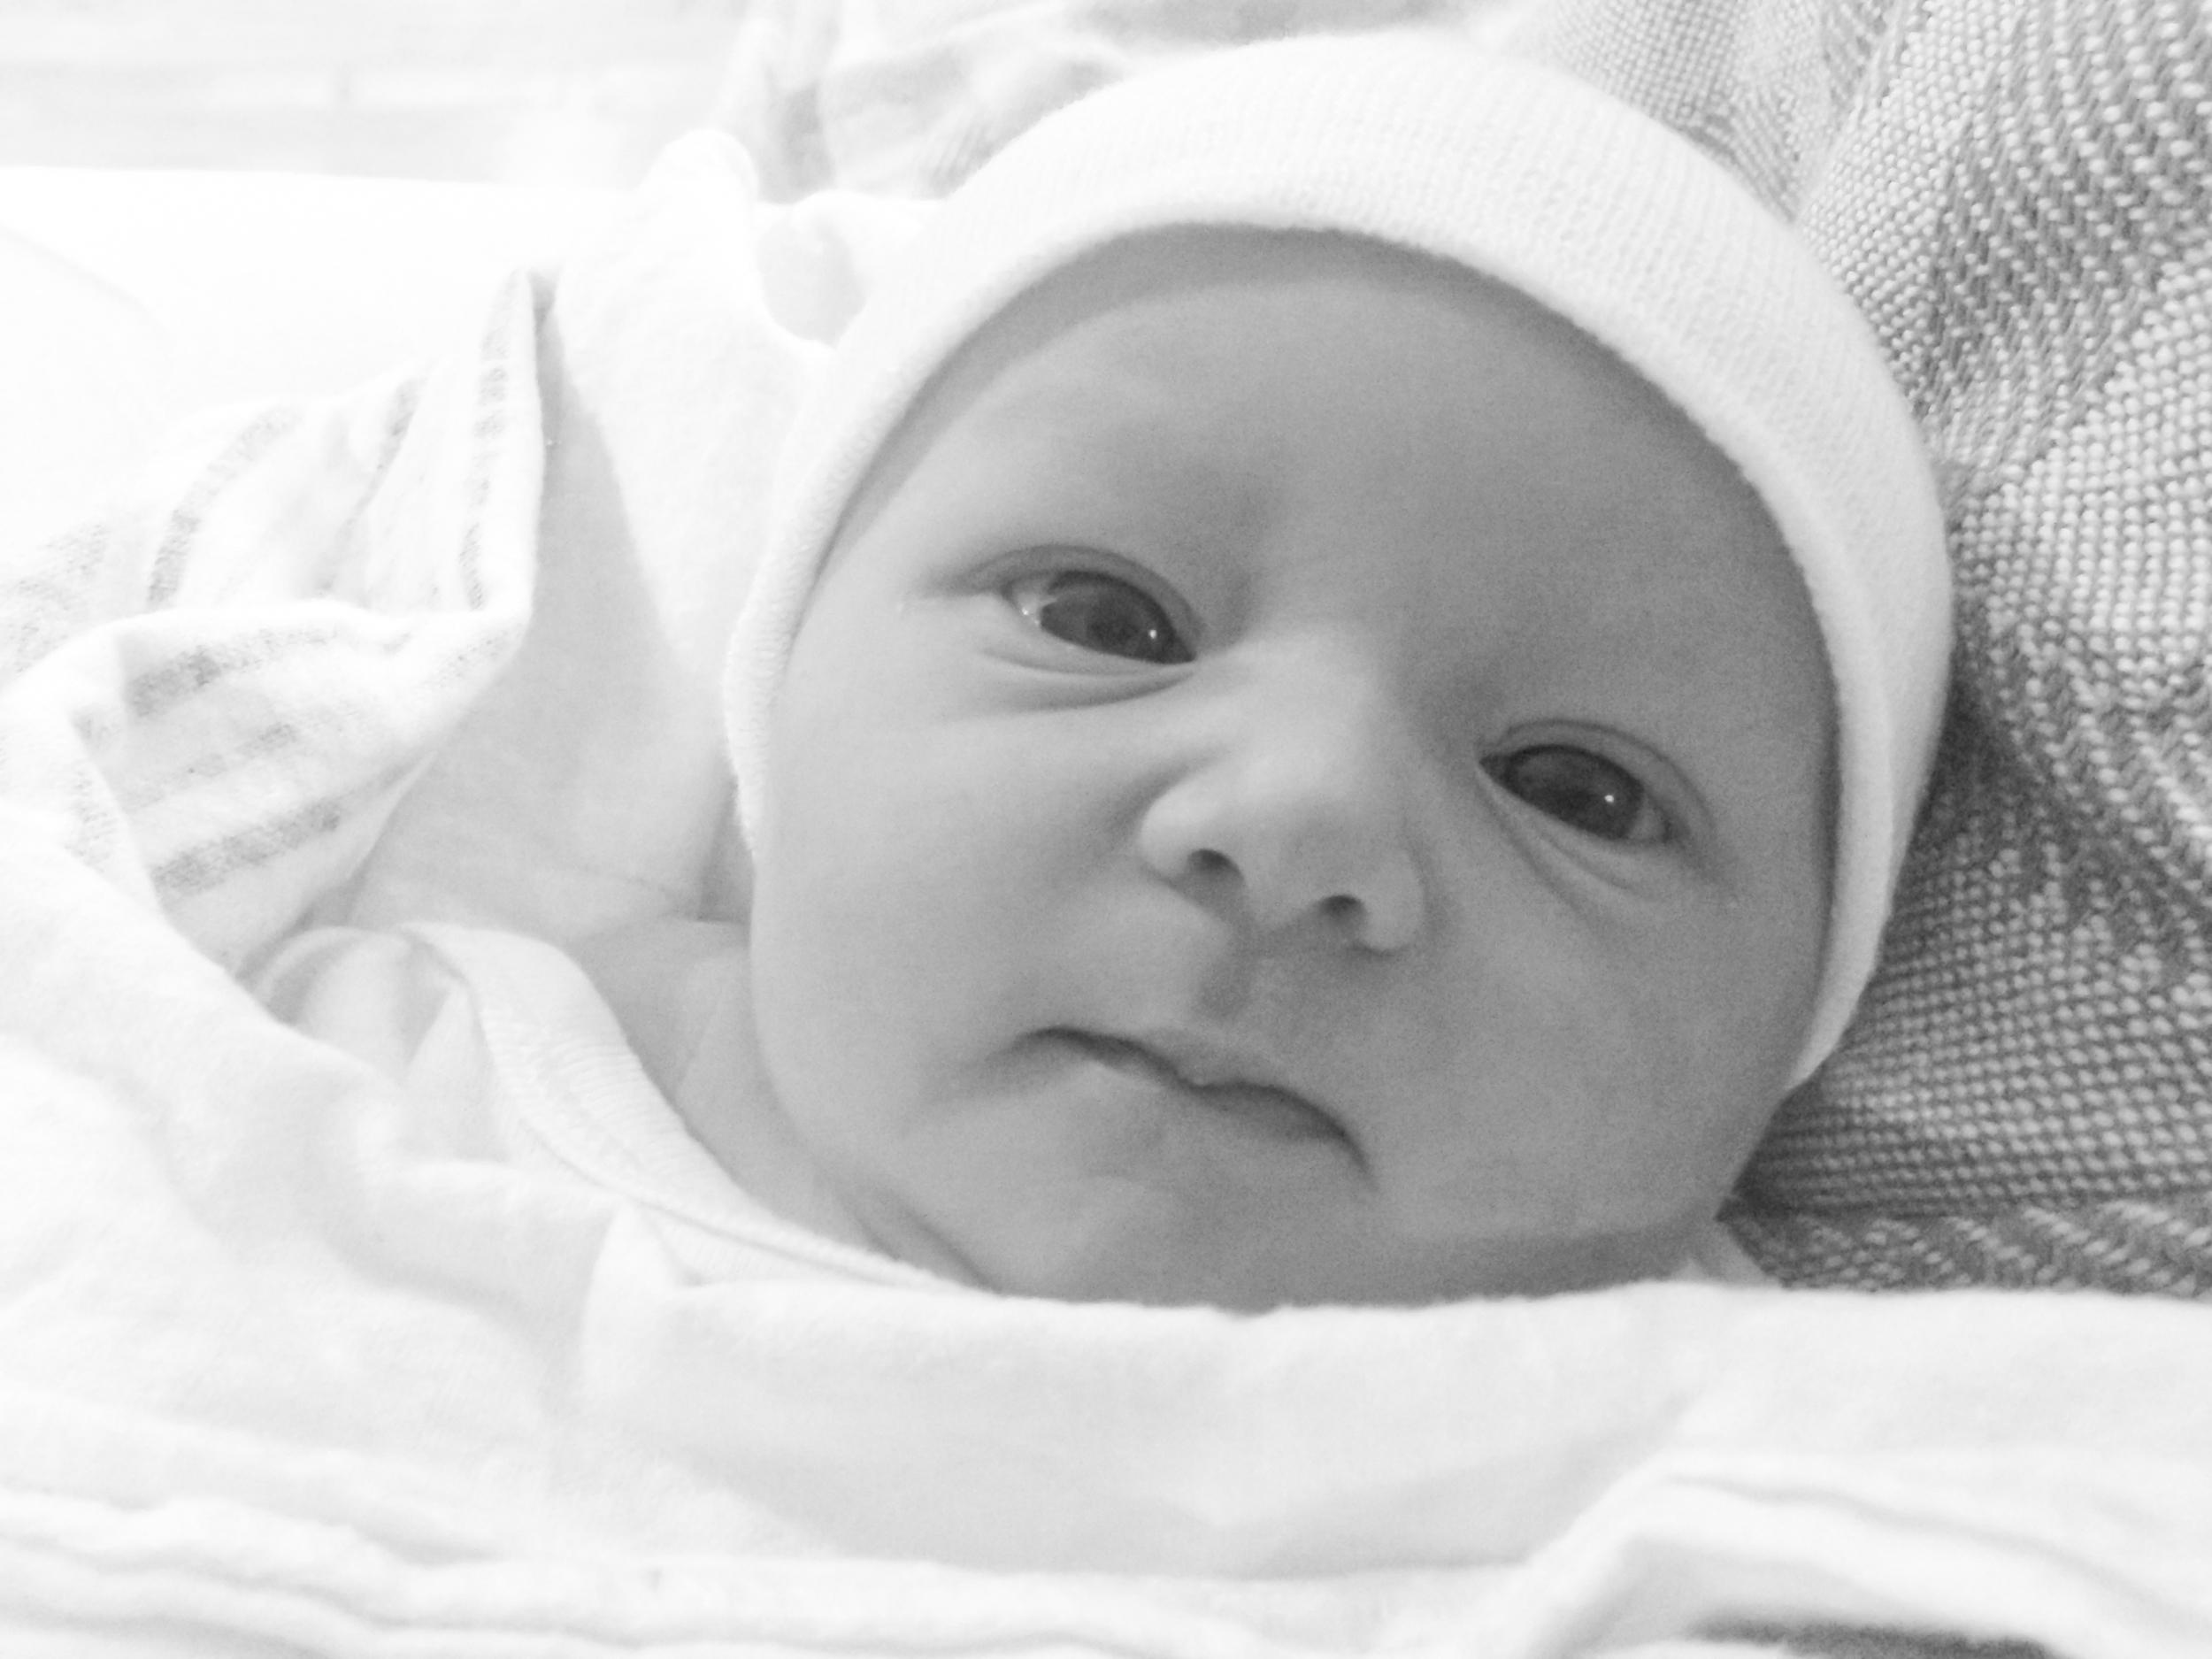 alert newborn baby (black and white)